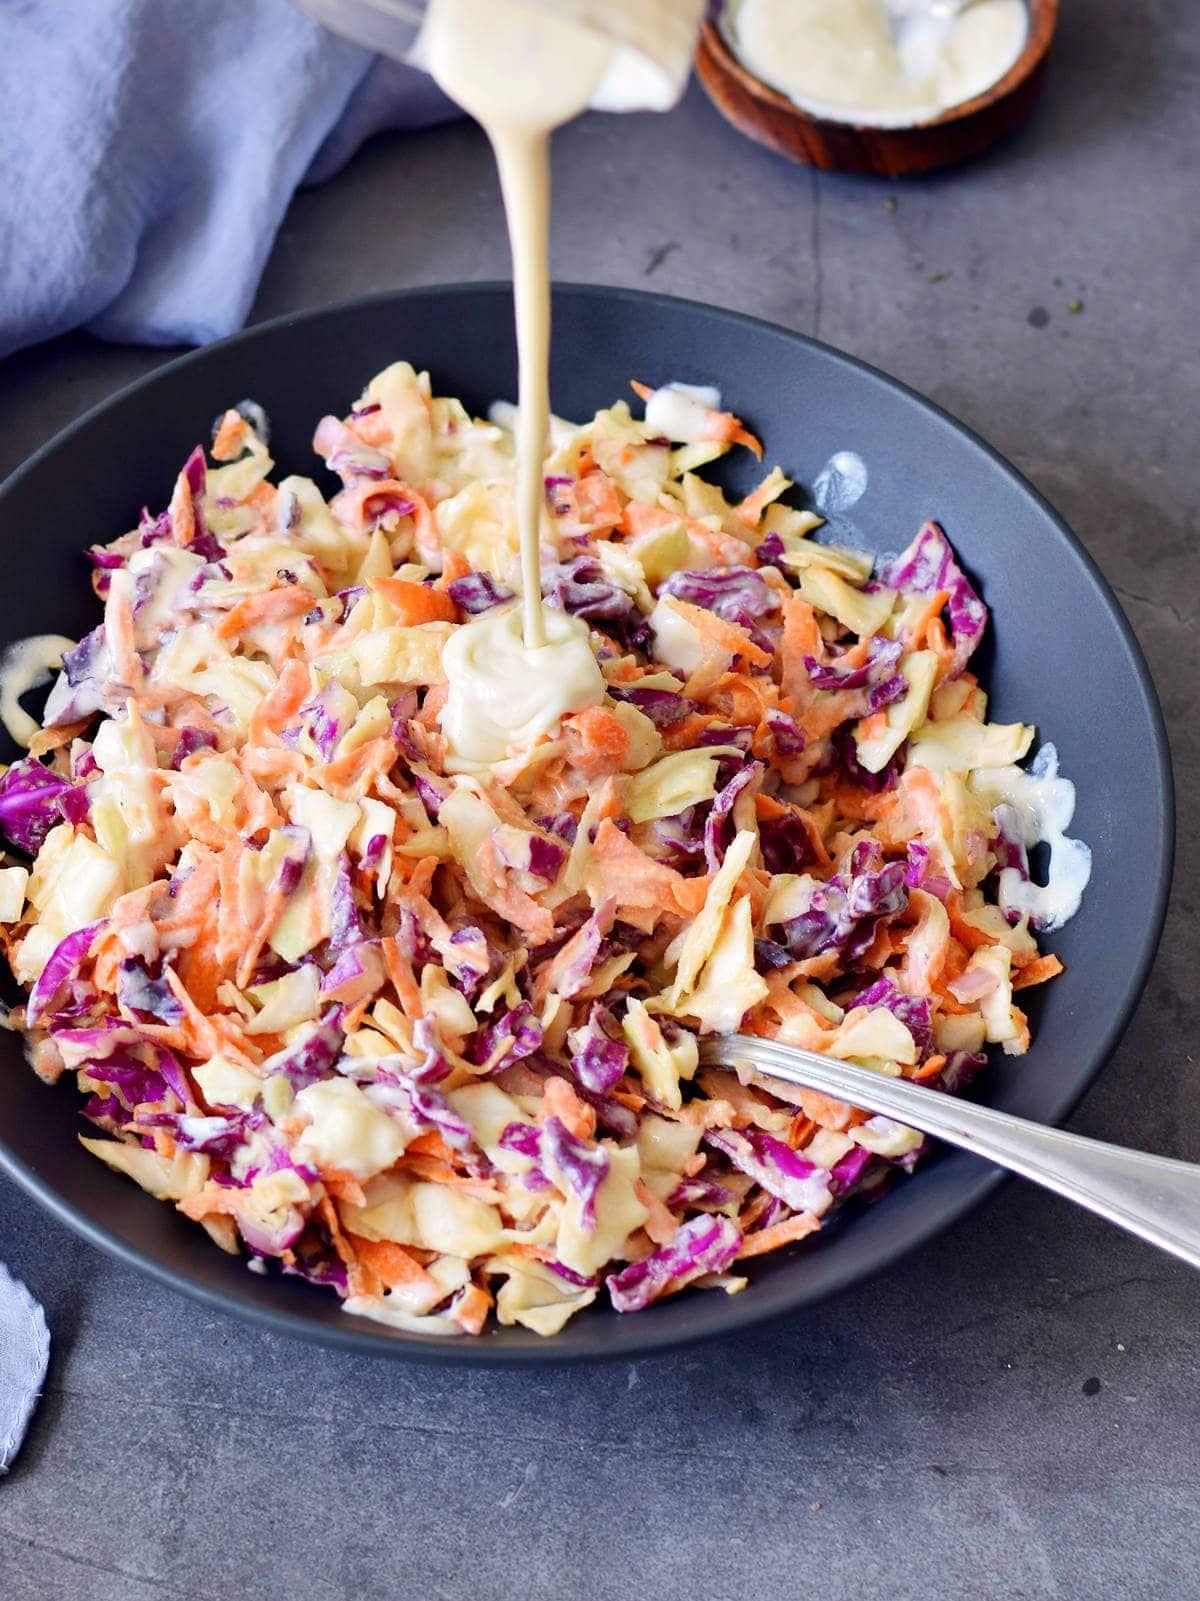 Veganer Schmand wird über Cole Slaw (amerikanischer Krautsalat) gegossen